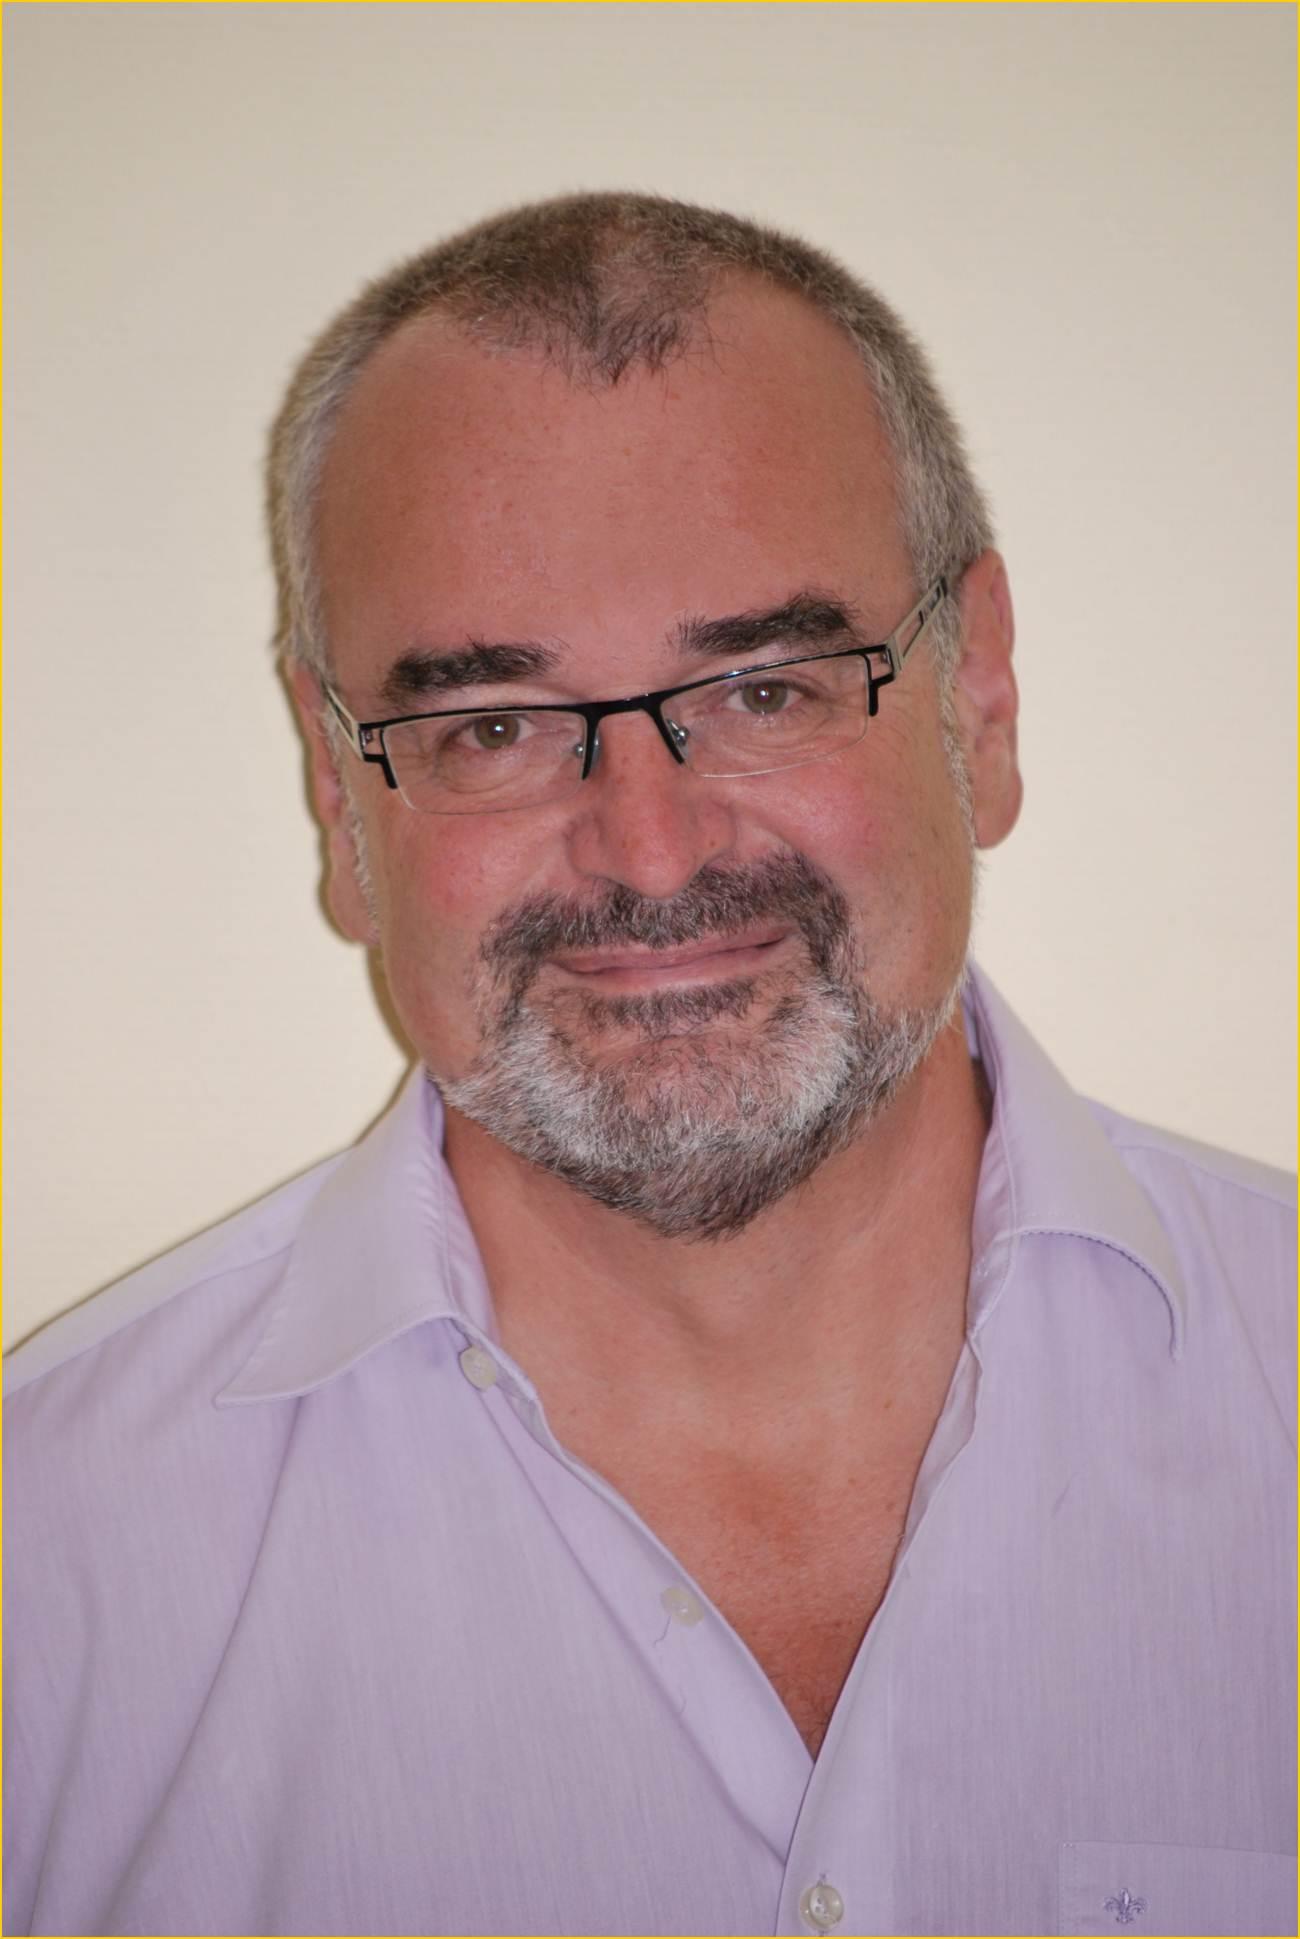 Thomas Monetti